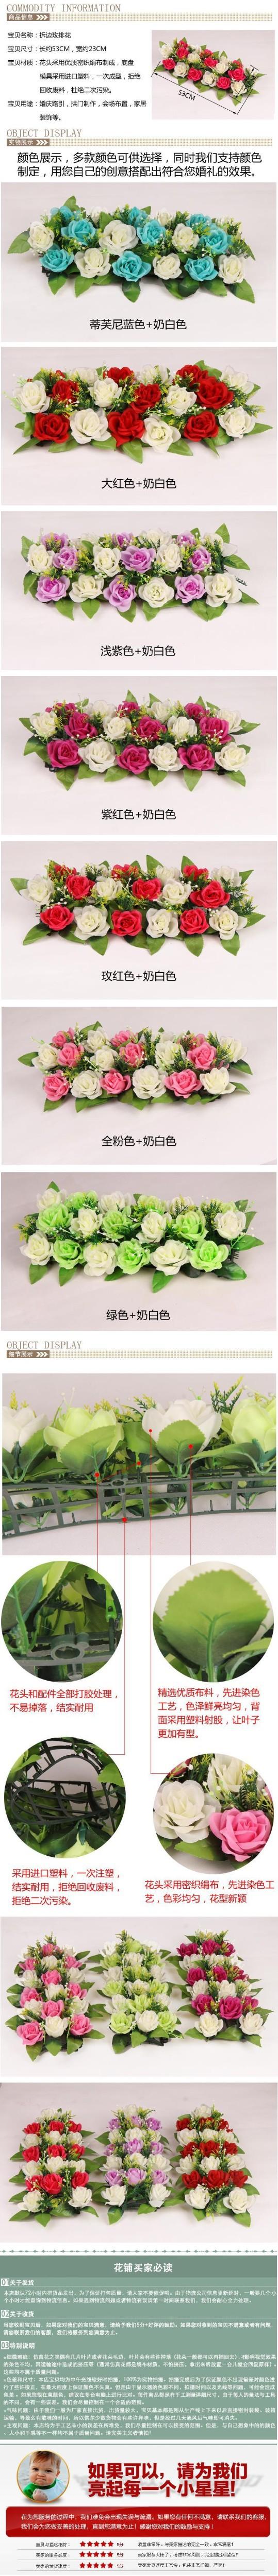 Arrangement De Mariage De Mariage Orgament Fleur Bouquet De